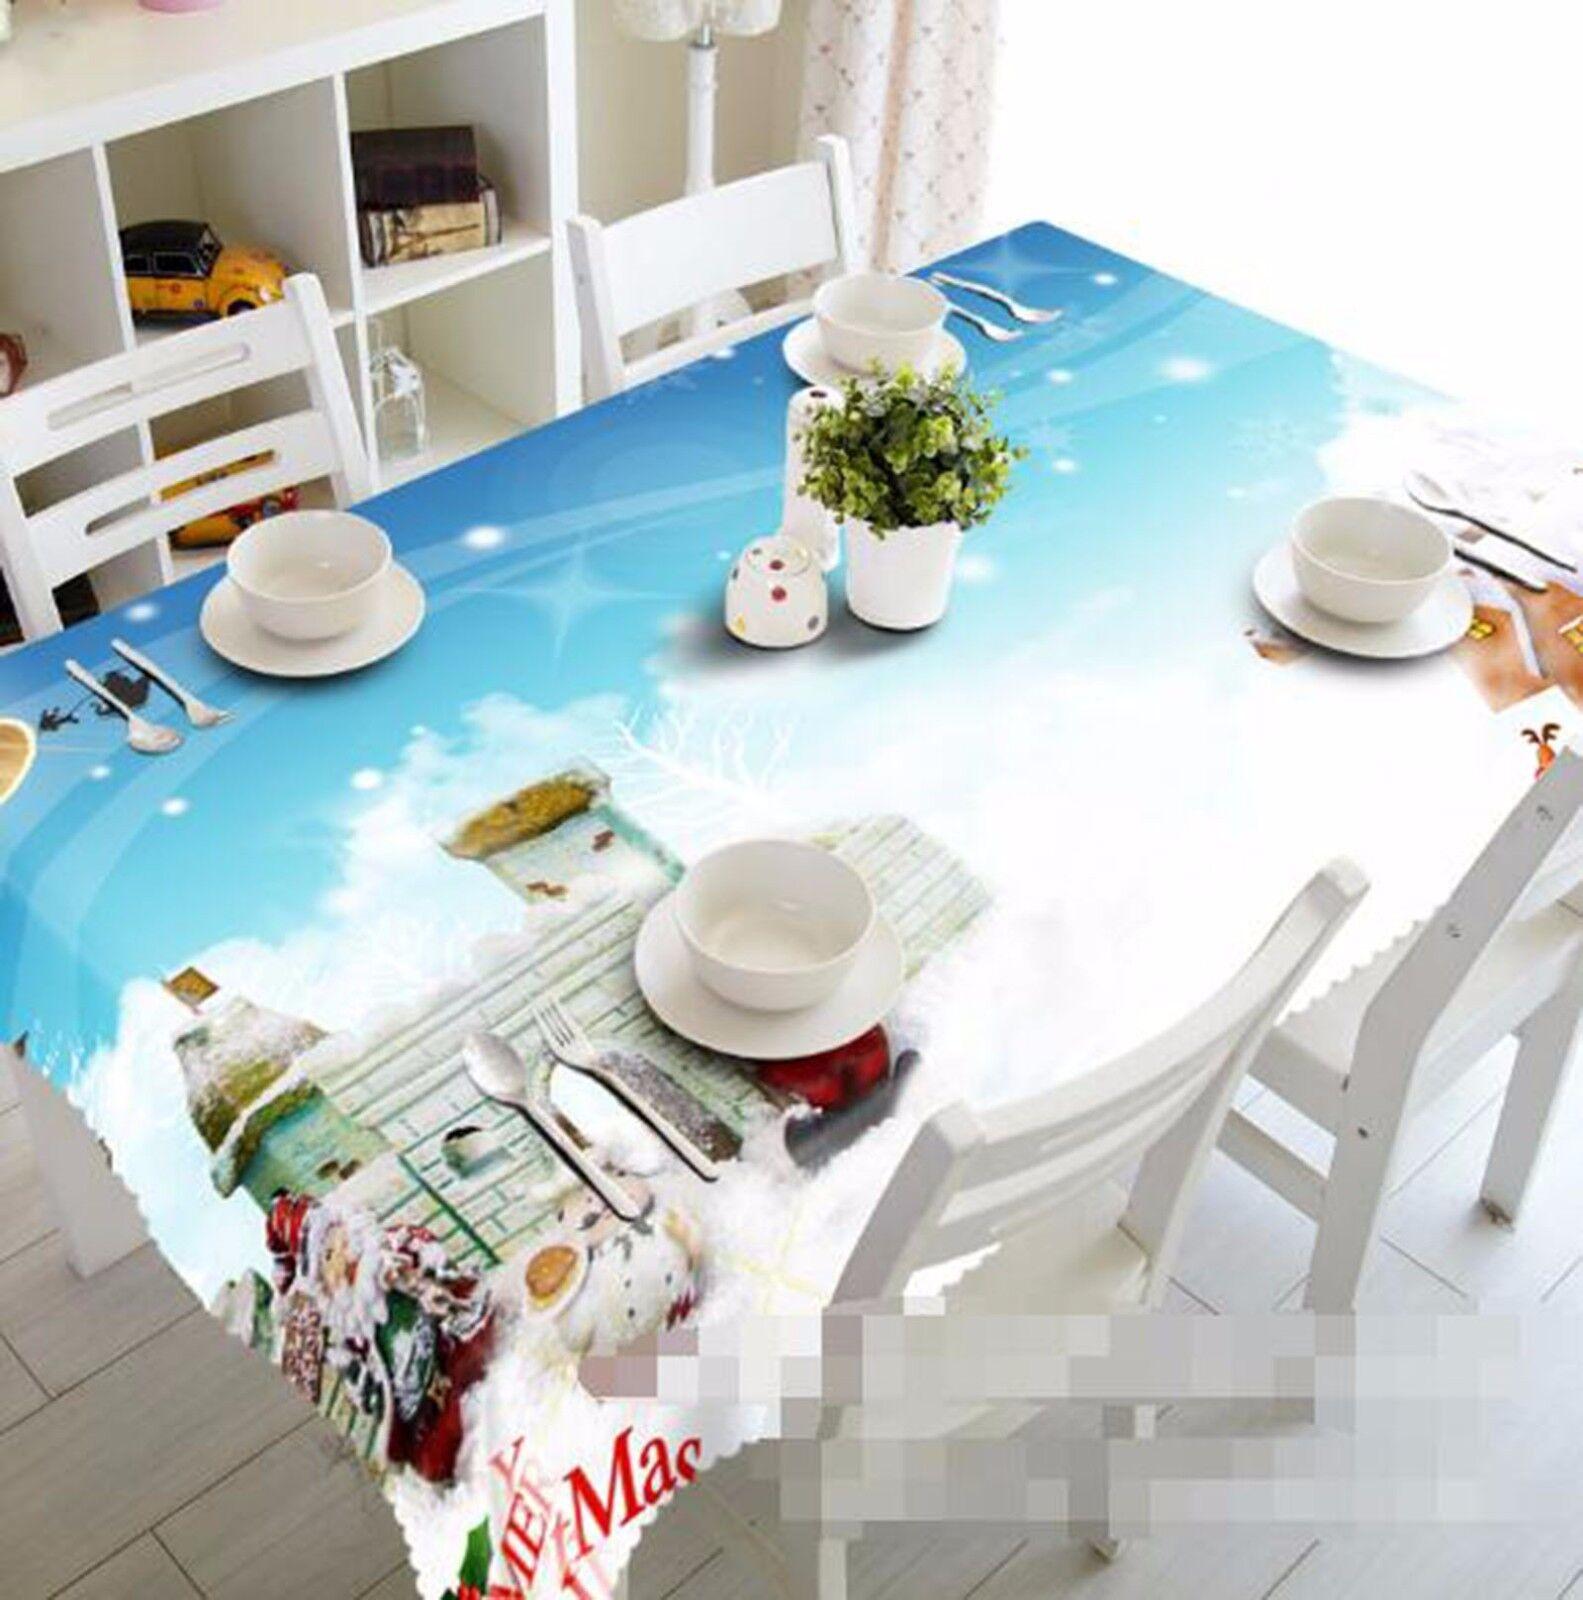 3D Mur Blanc Nappe Table Cover Cloth fête d'anniversaire AJ papier peint Royaume-Uni Citron